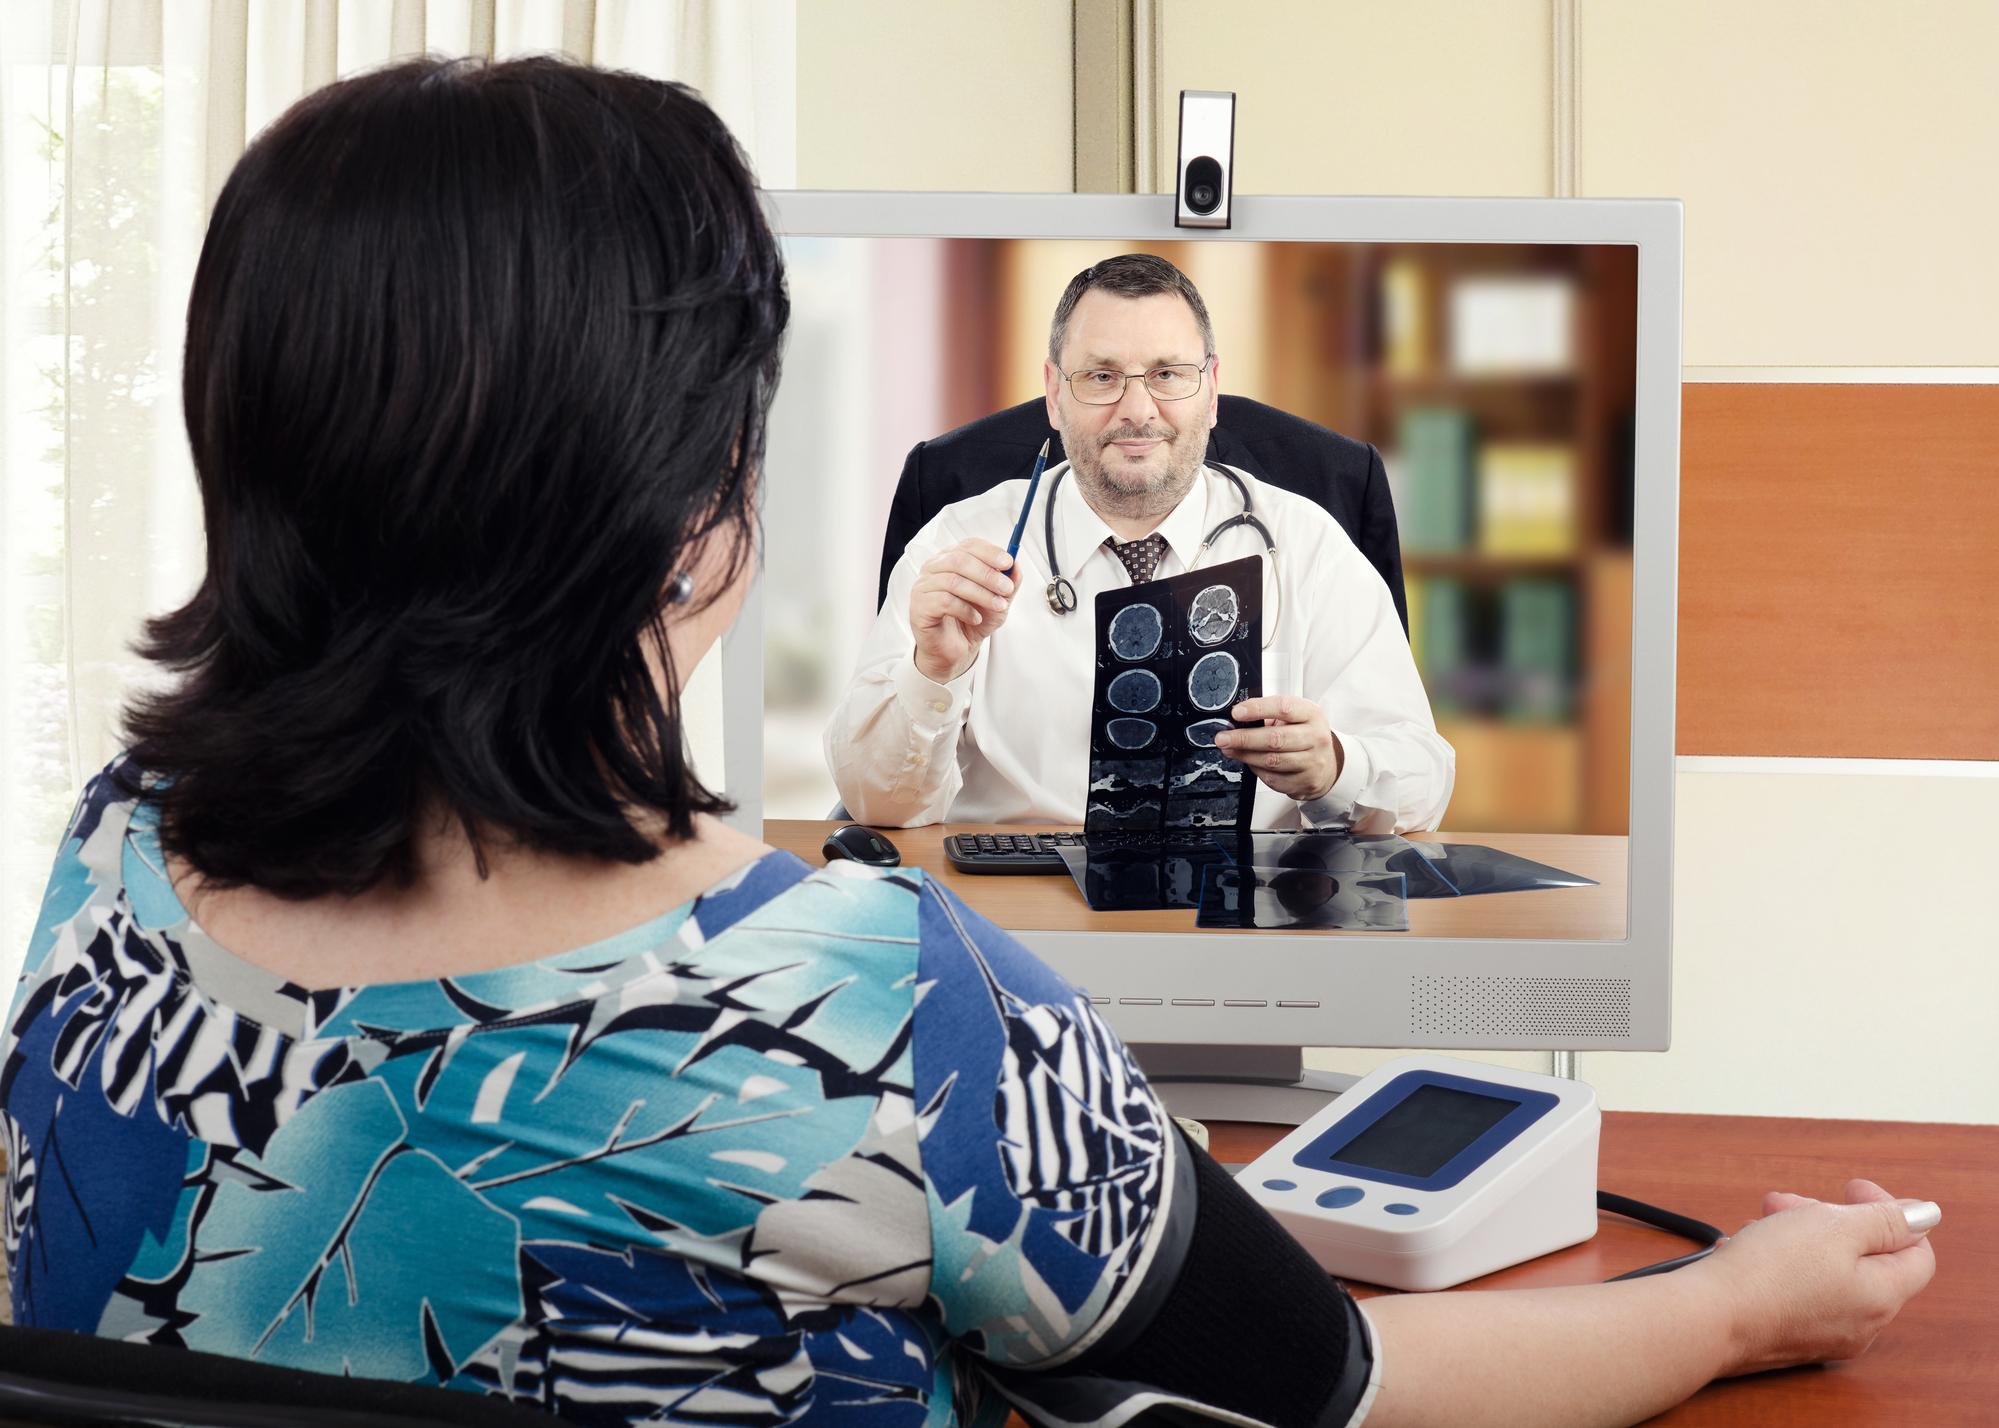 К2022 году каждый пятый россиянин будет пользоваться услугами удалённых врачей.